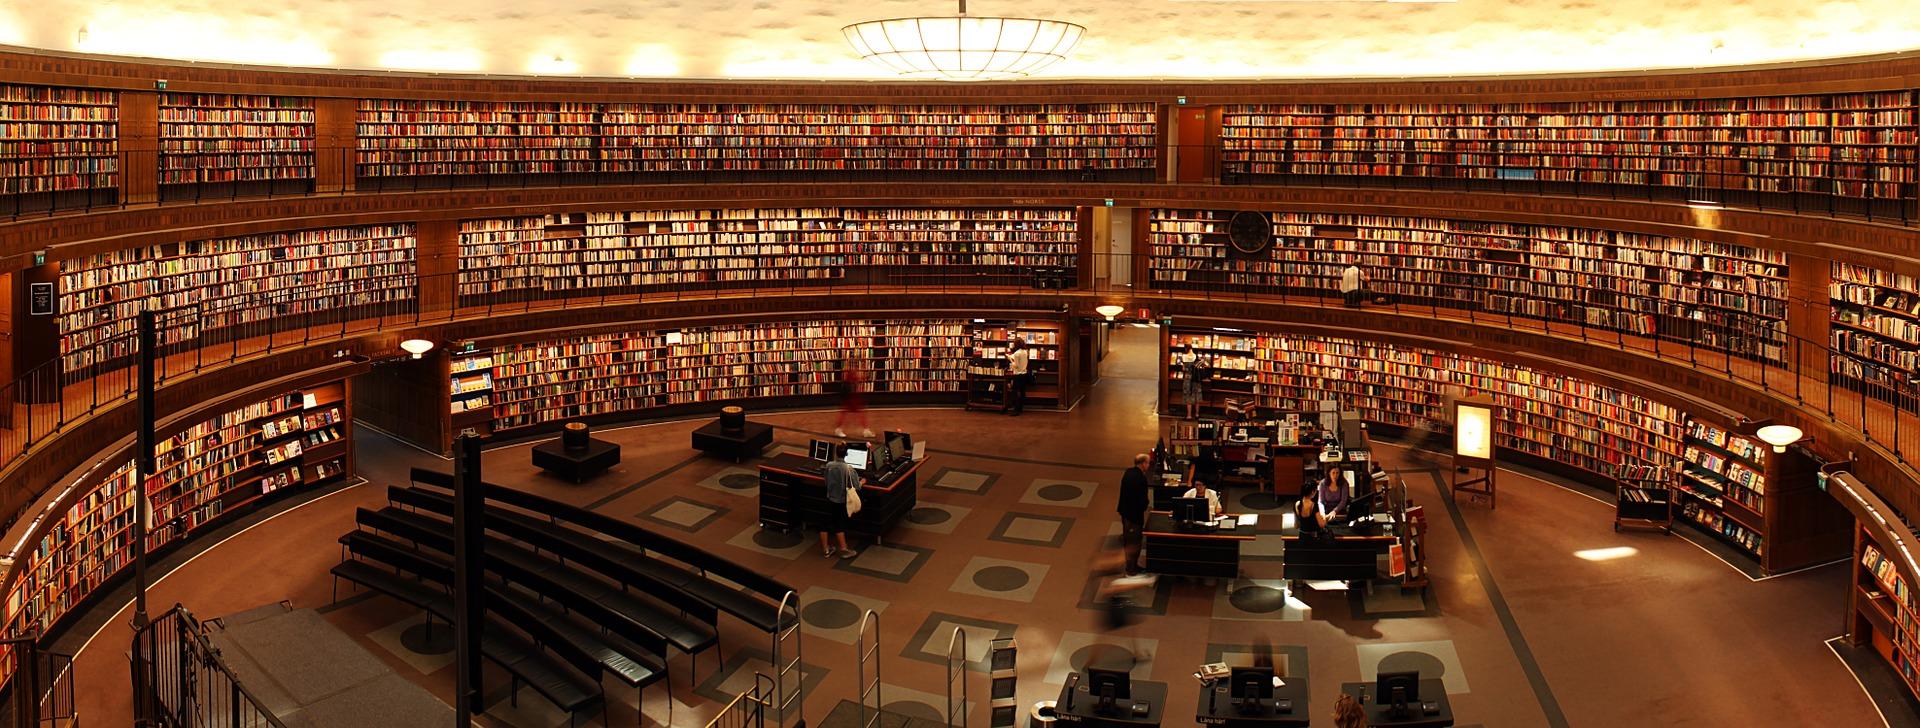 books-1281581_1920jpg